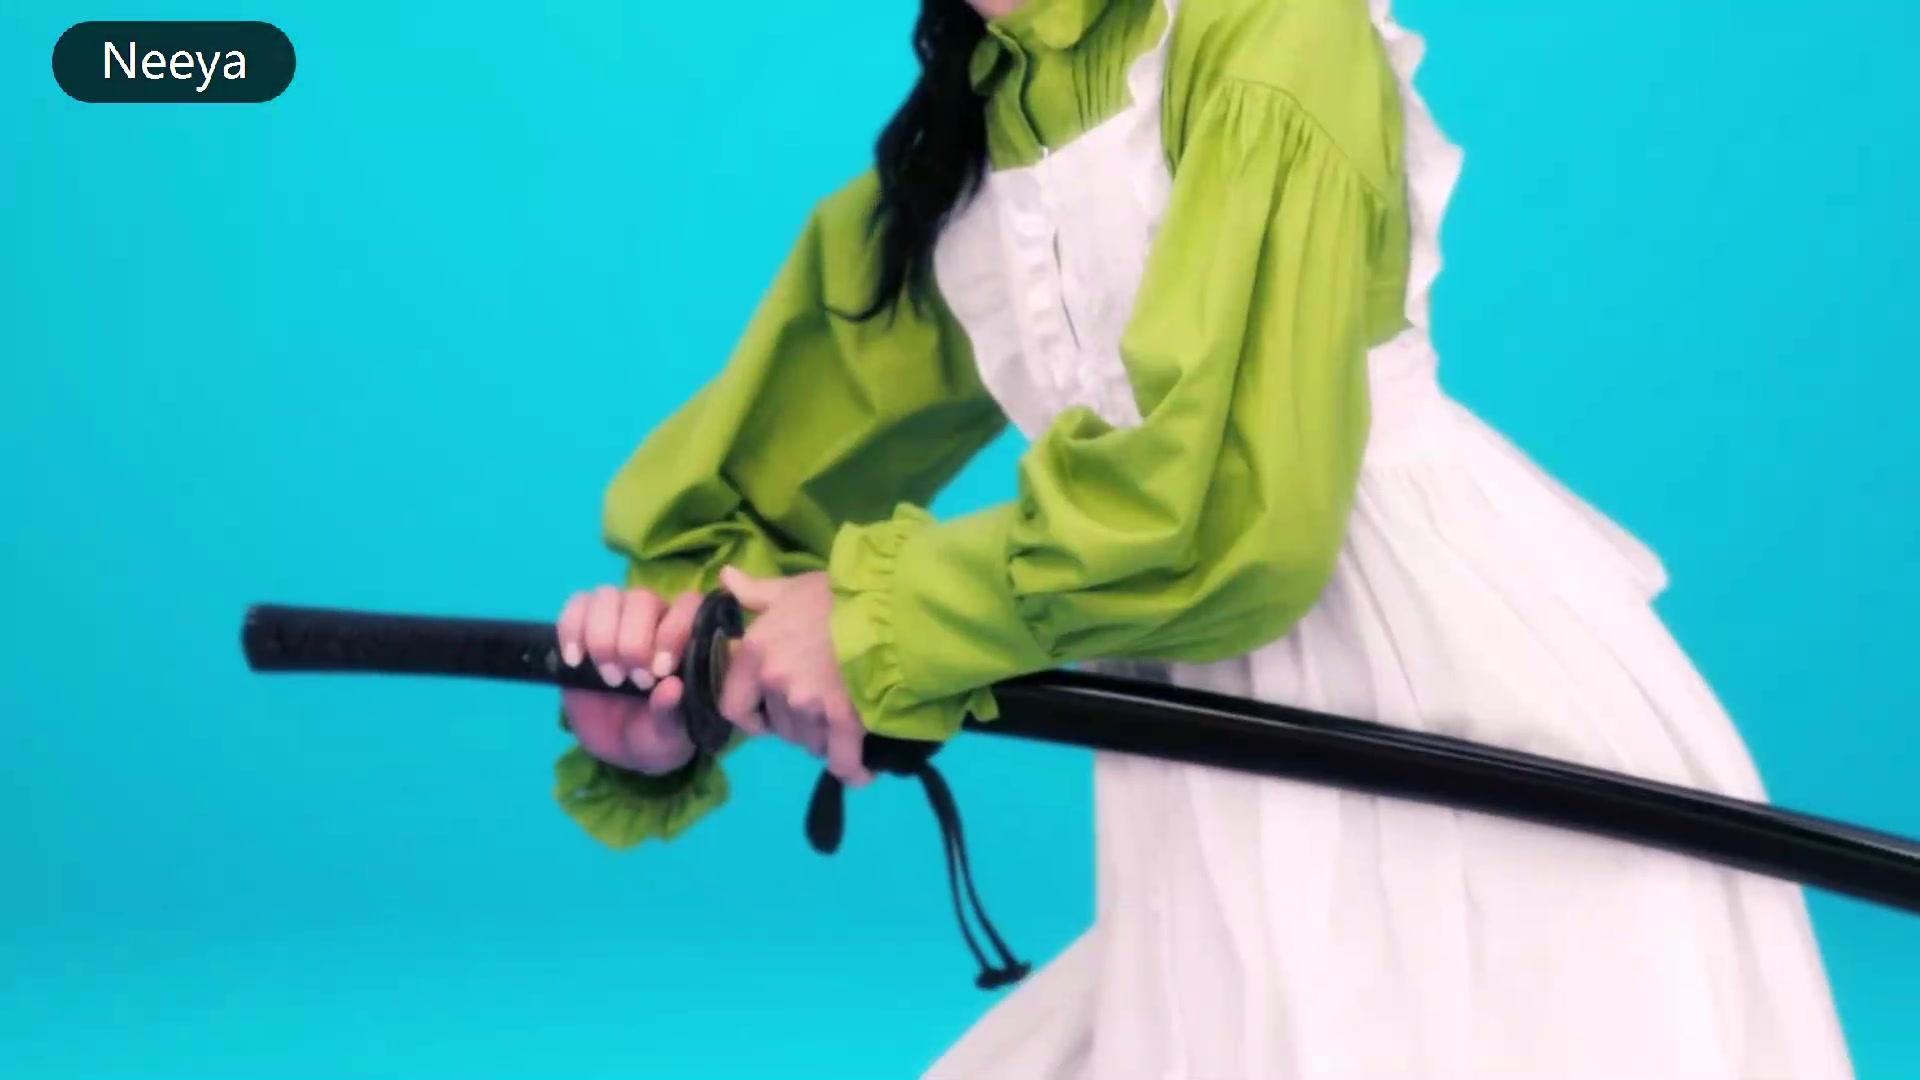 拔刀流女仆惊呆日本,刀法犀利成全国话题